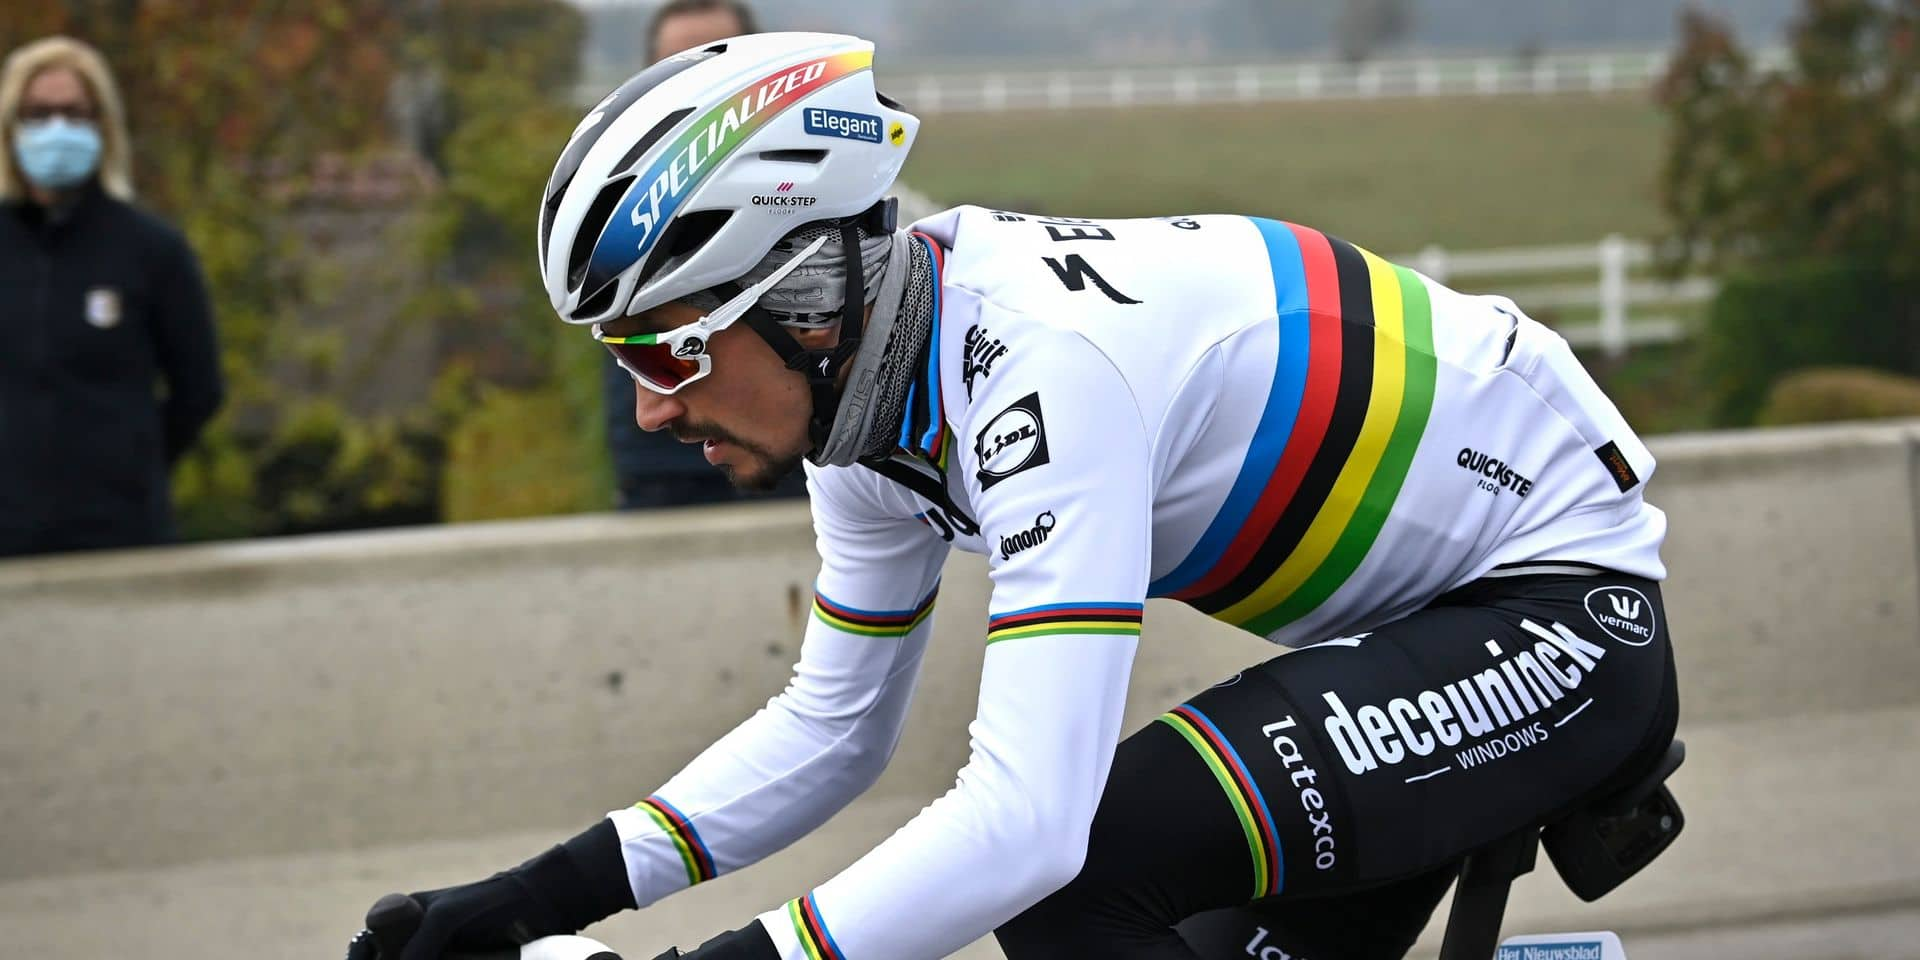 """Après son titre Mondial, Julian Alaphilippe rêve désormais du Tour de France: """"Si je devais n'en gagner qu'une seule..."""""""